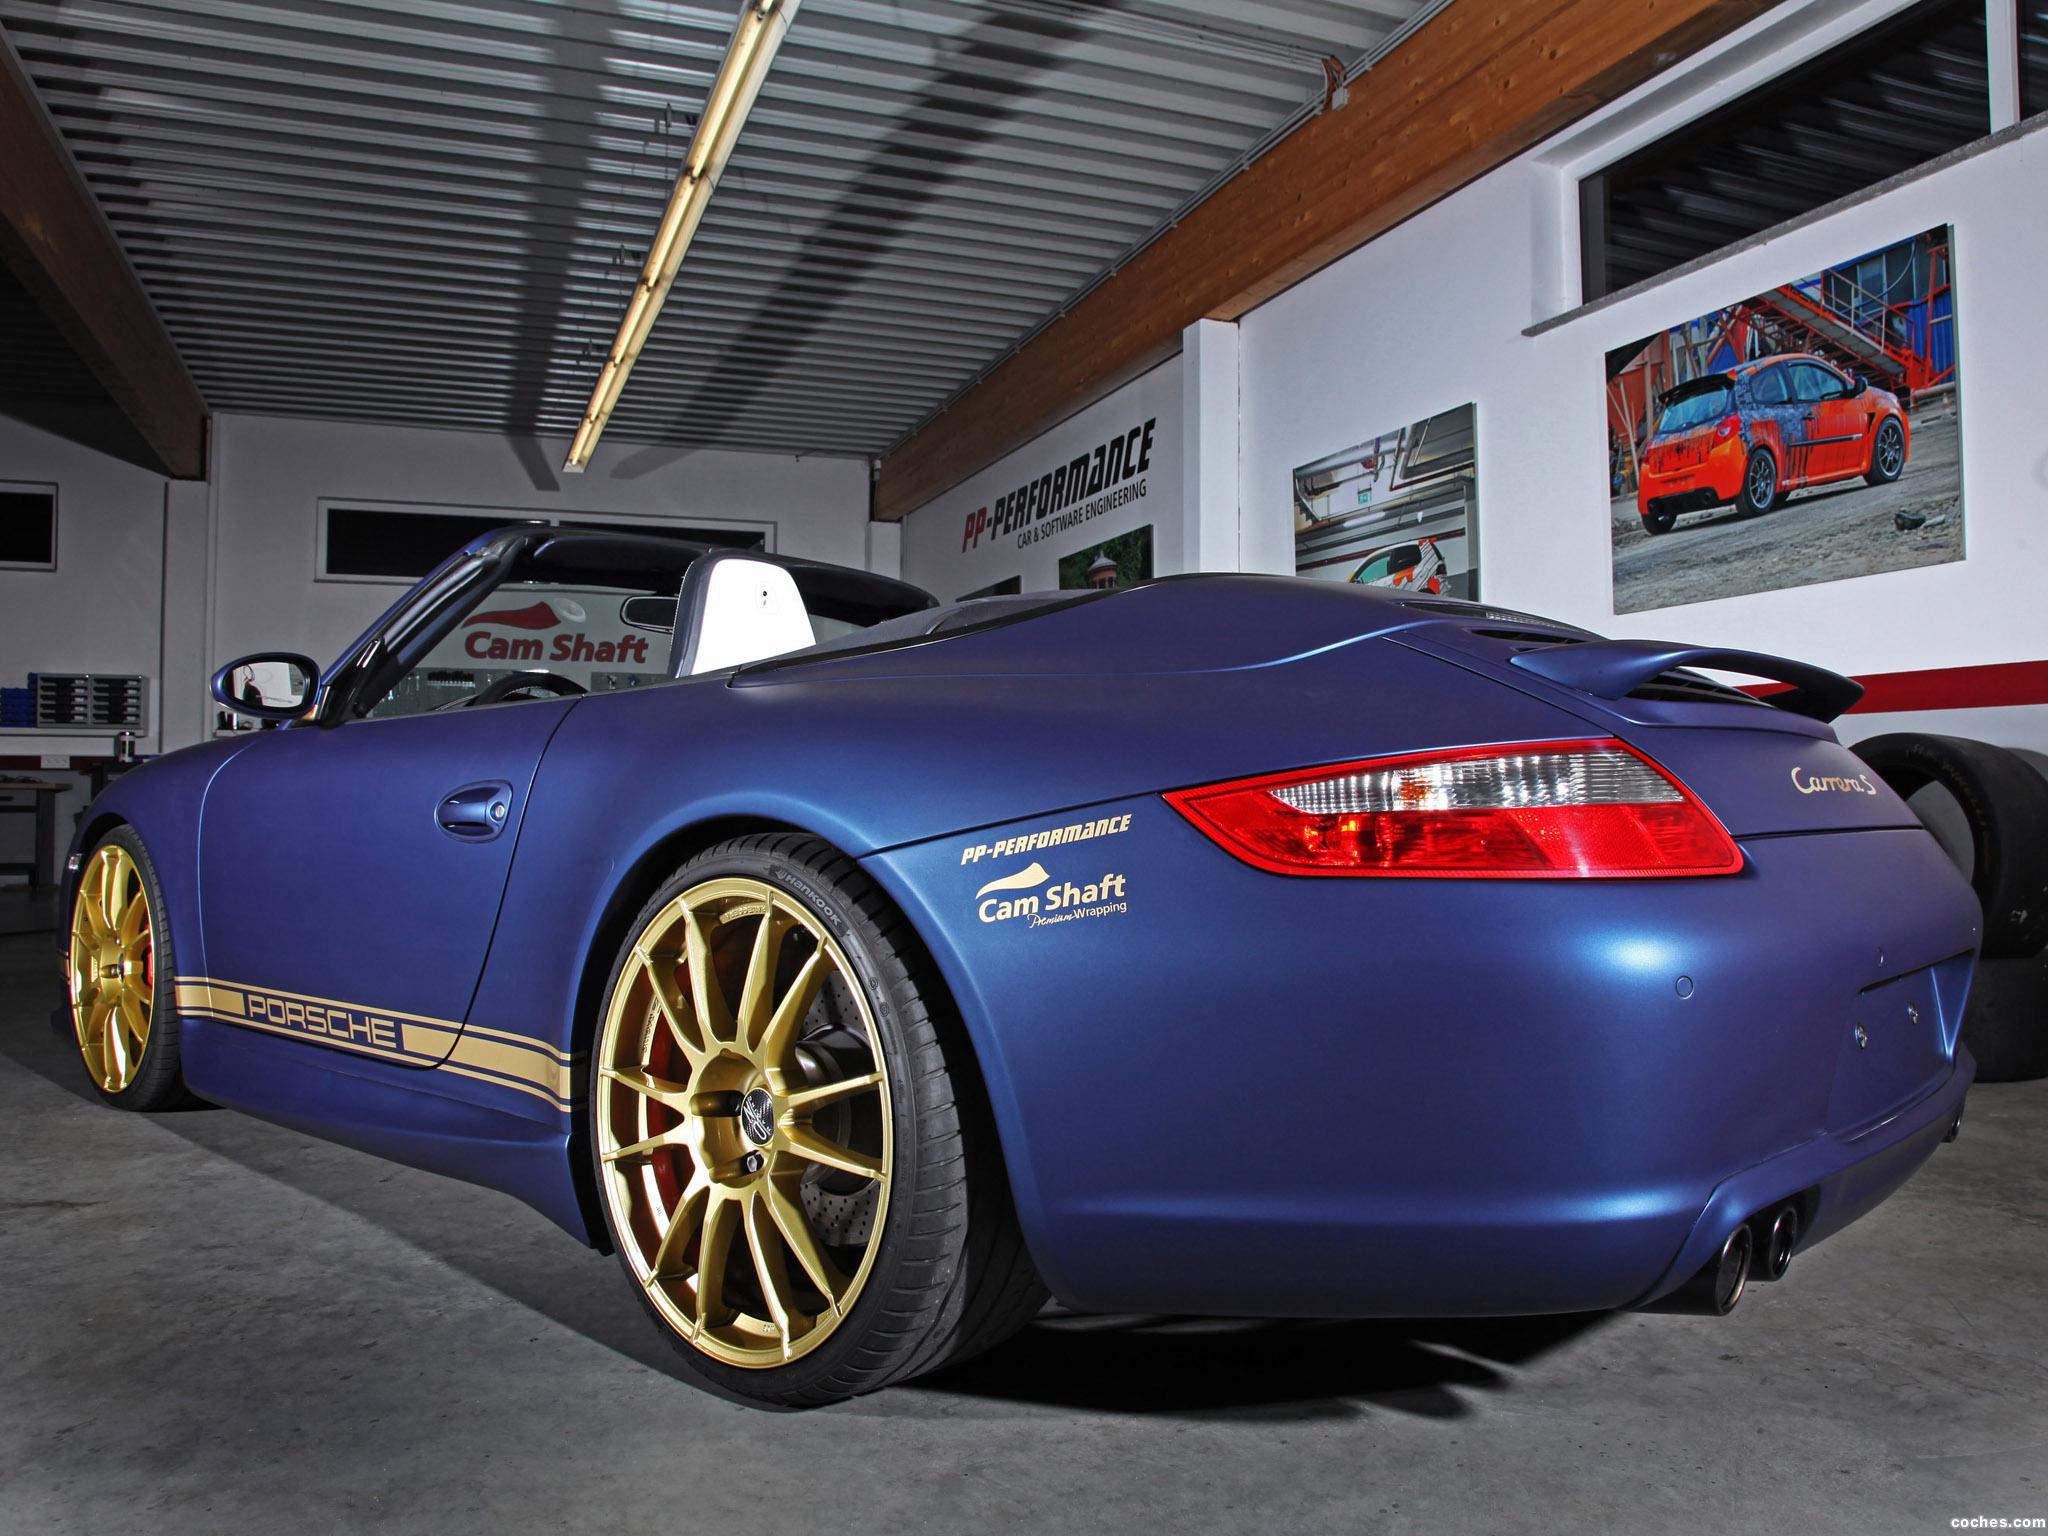 Foto 1 de Porsche Cam Shaft 911 Carrera S Cabriolet 997 2014